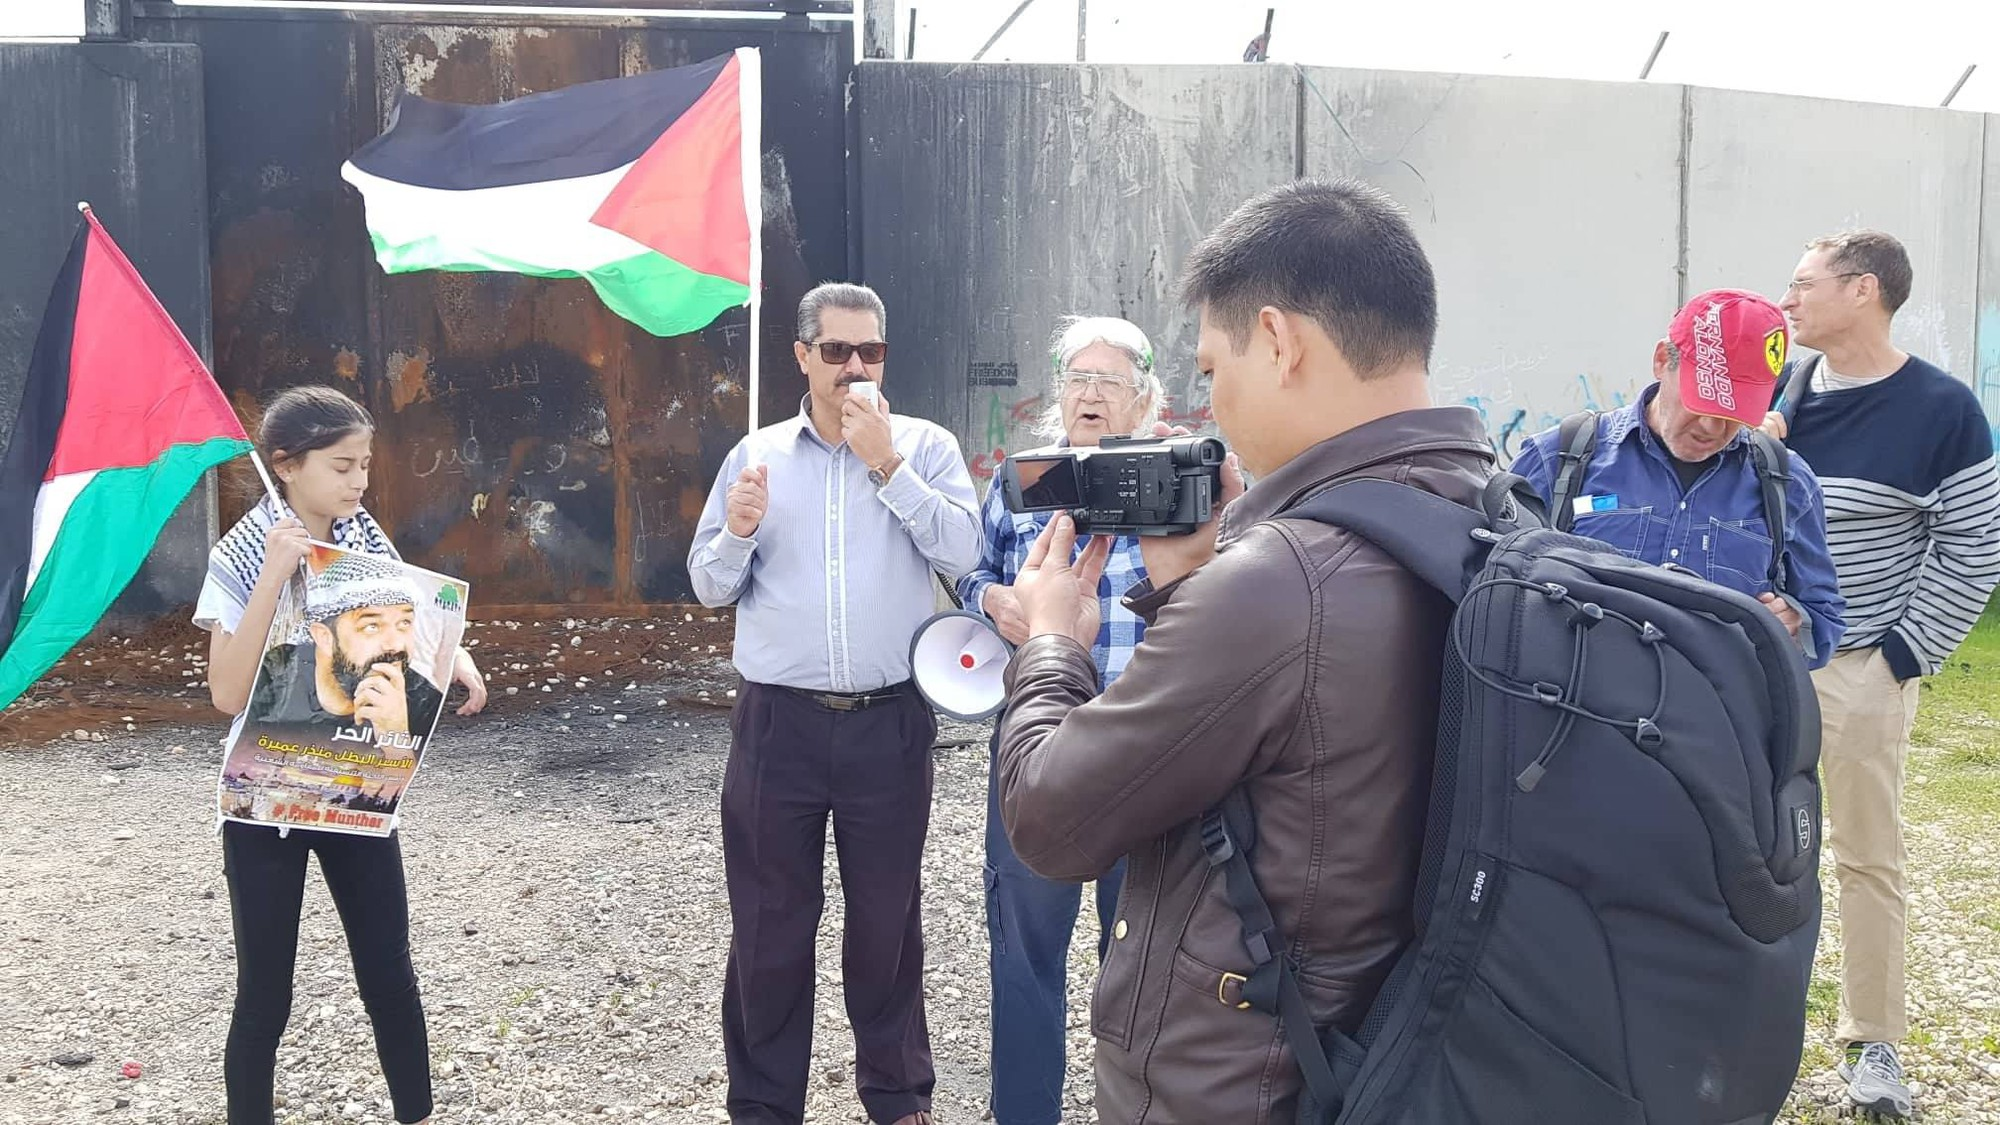 Phóng viên VTV tại Trung Đông: Sự an toàn luôn được chúng tôi đặt lên hàng đầu - Ảnh 3.